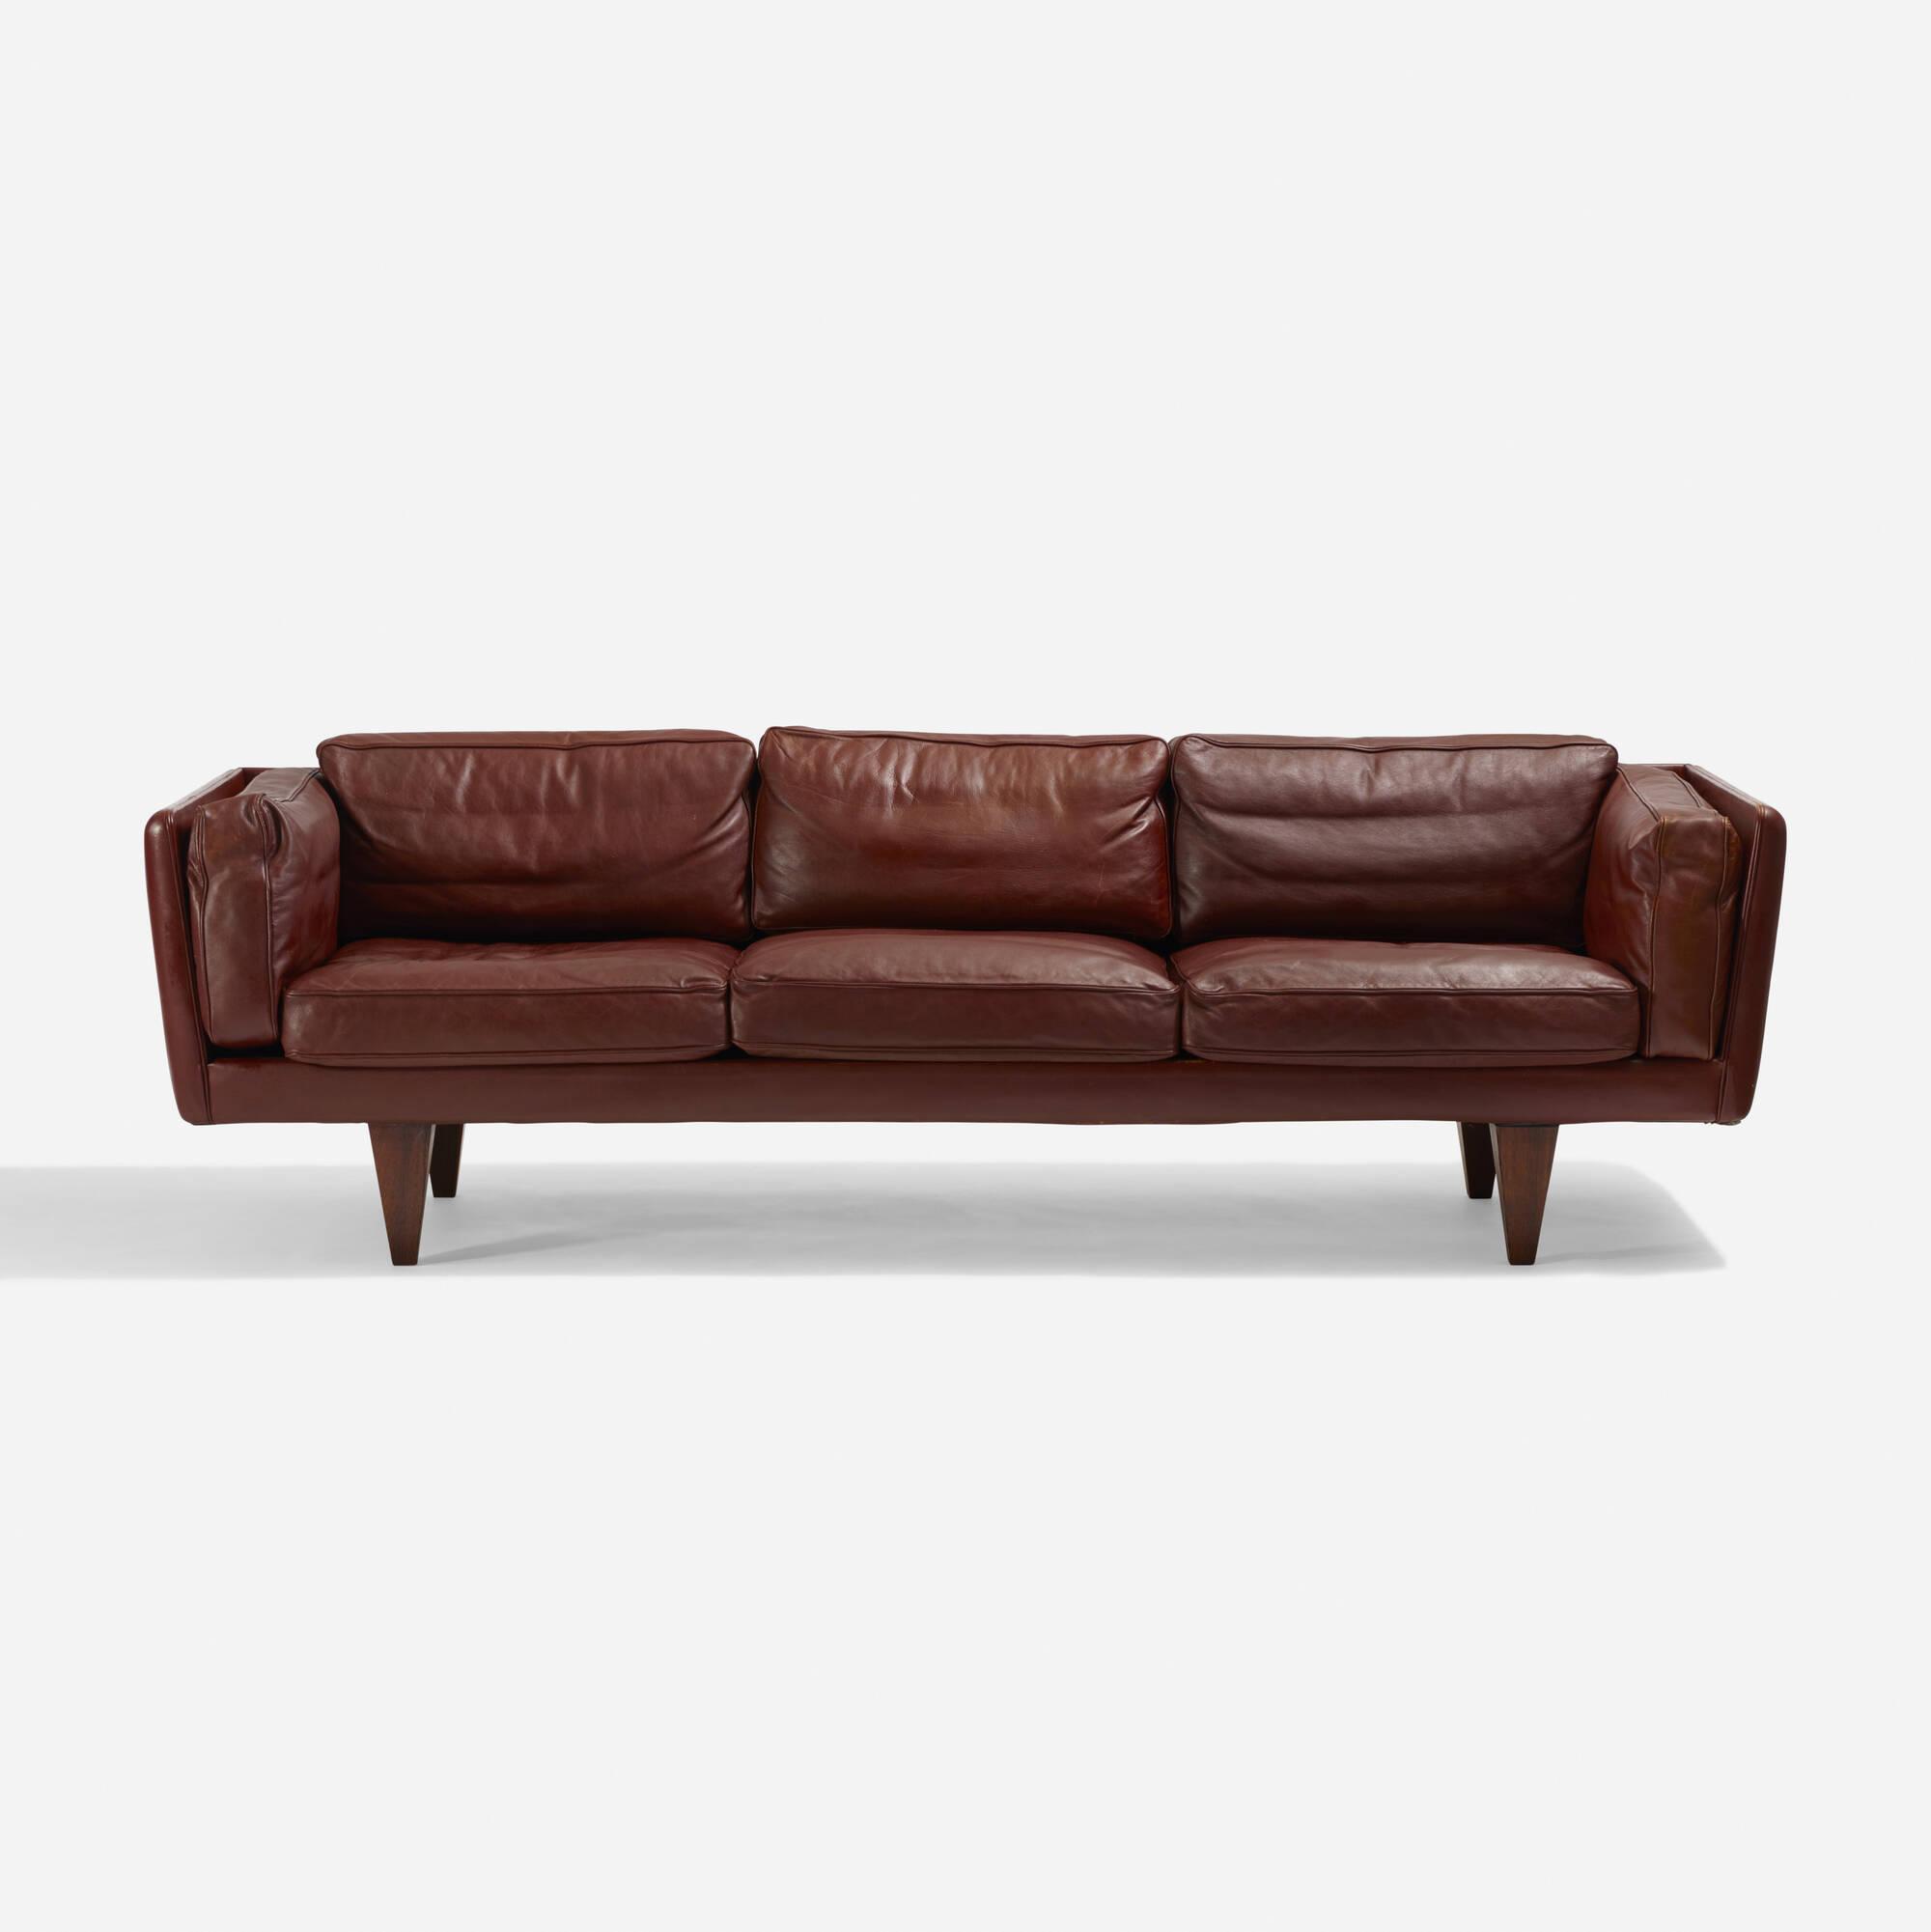 195: Illum Wikkelsø / sofa, model V11 (2 of 3)